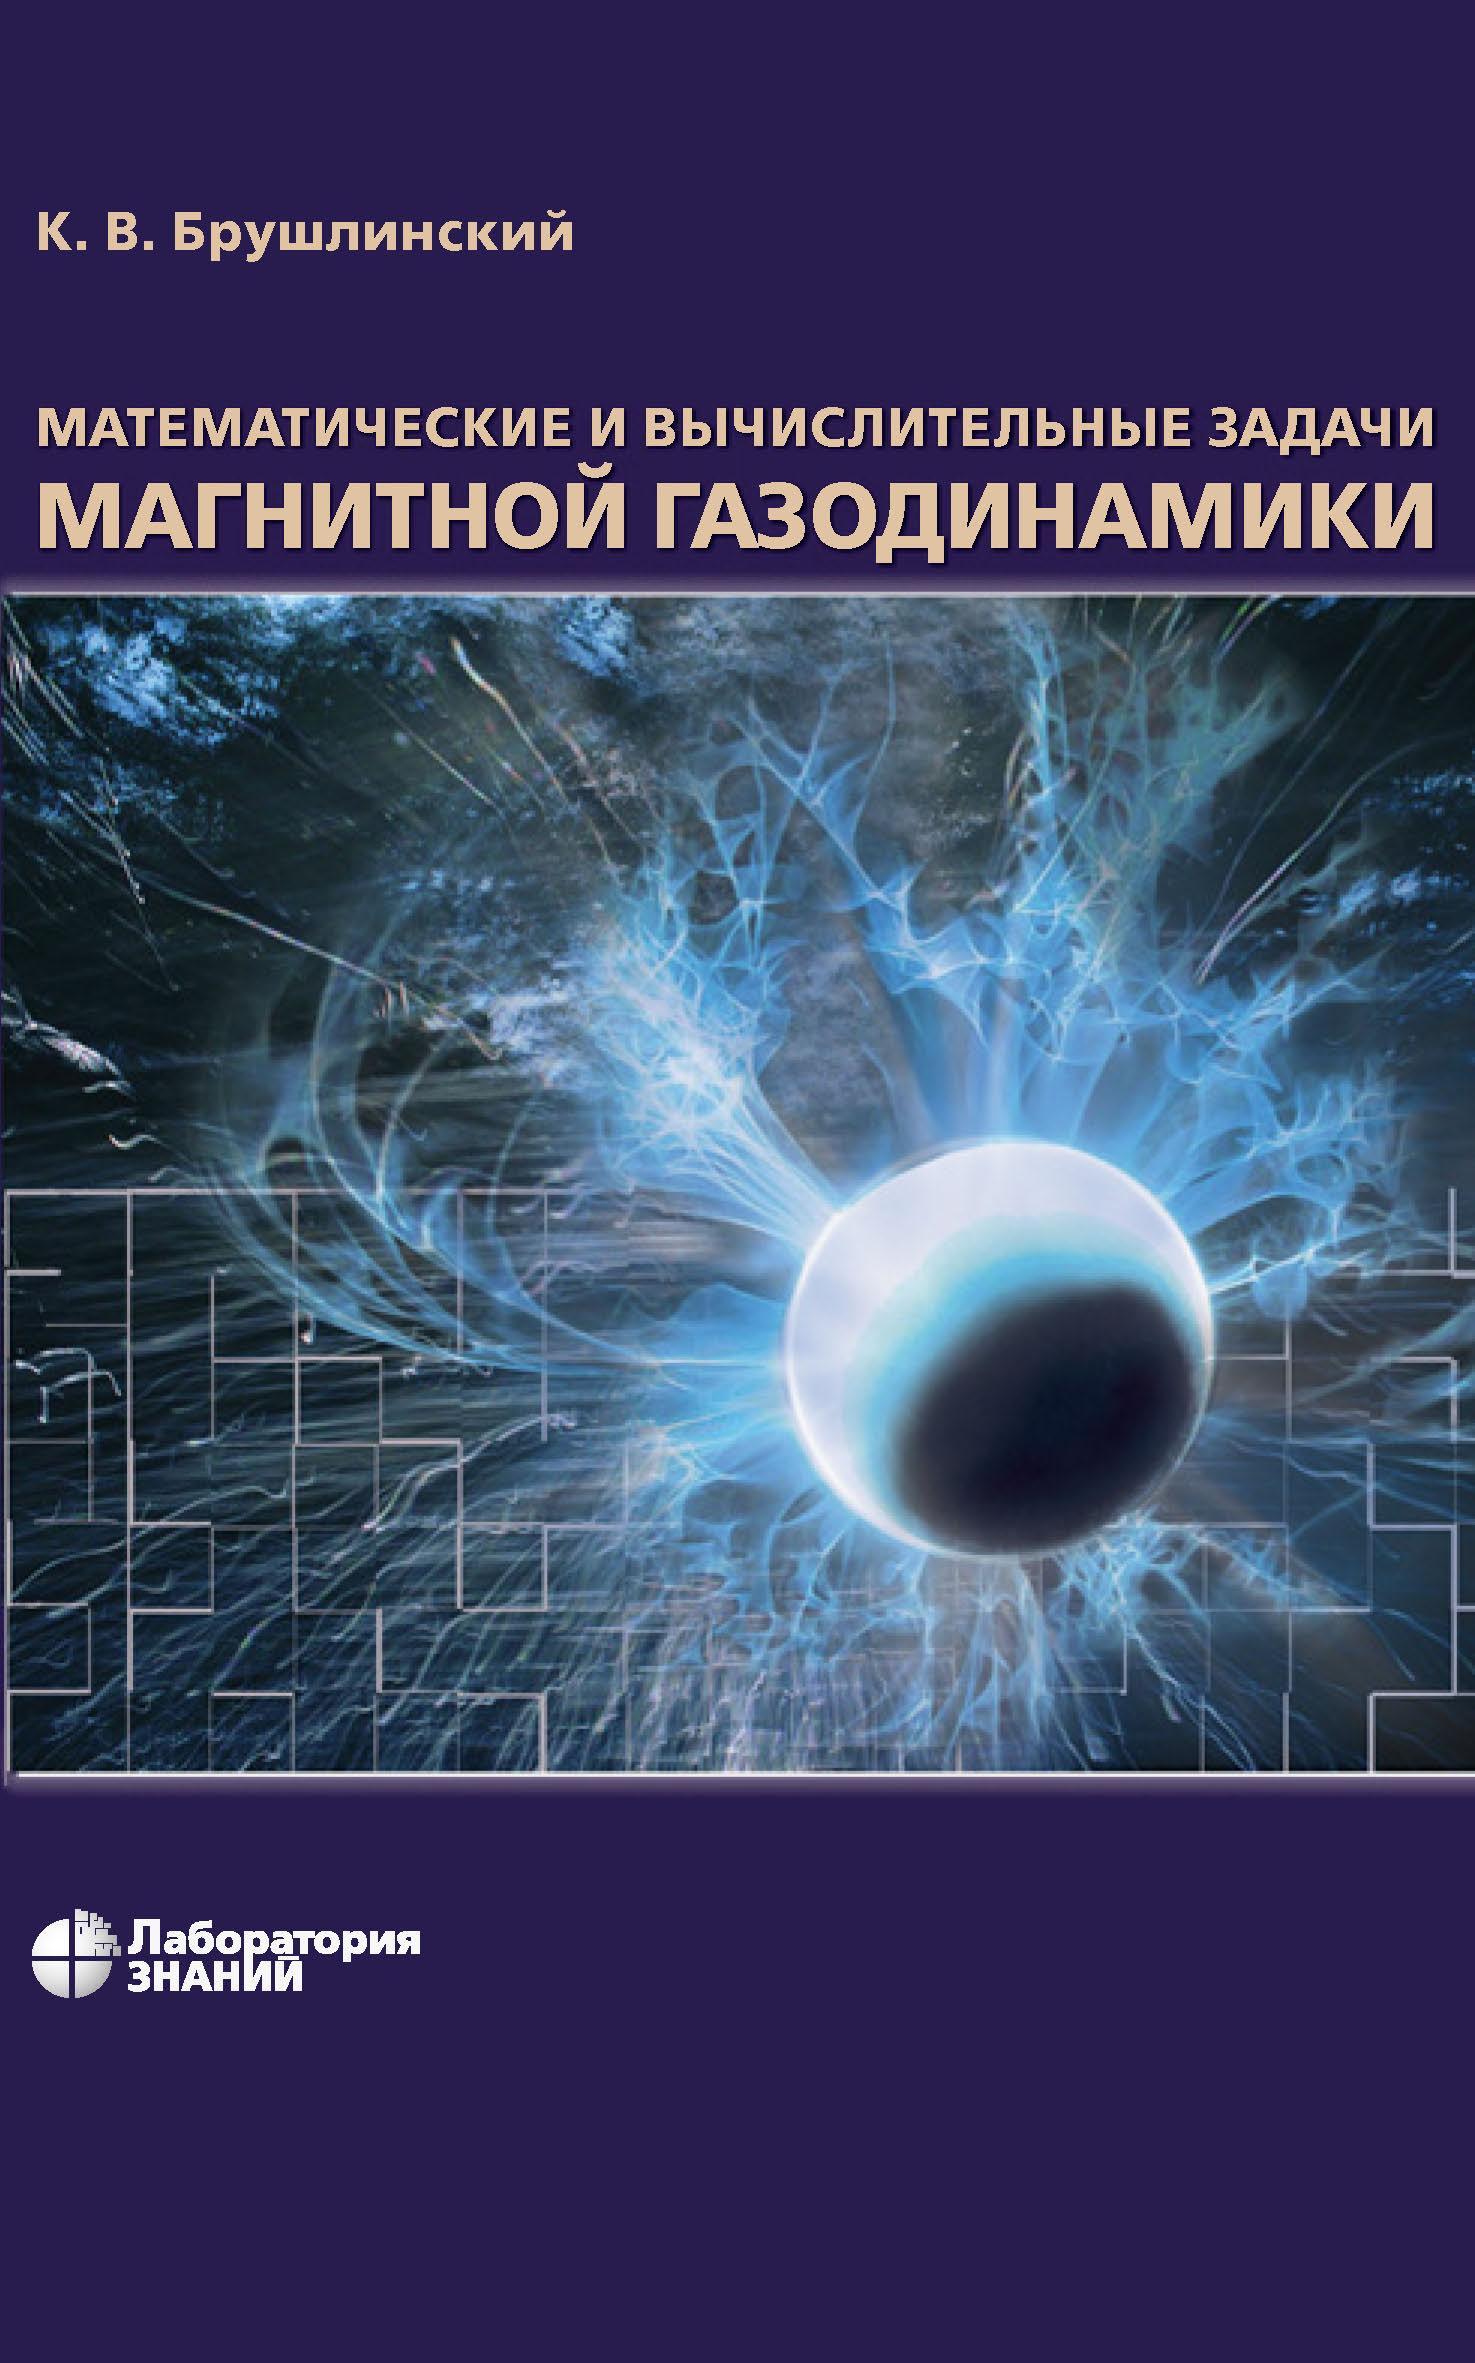 К. В. Брушлинский Математические и вычислительные задачи магнитной газодинамики к в брушлинский математические и вычислительные задачи магнитной газодинамики